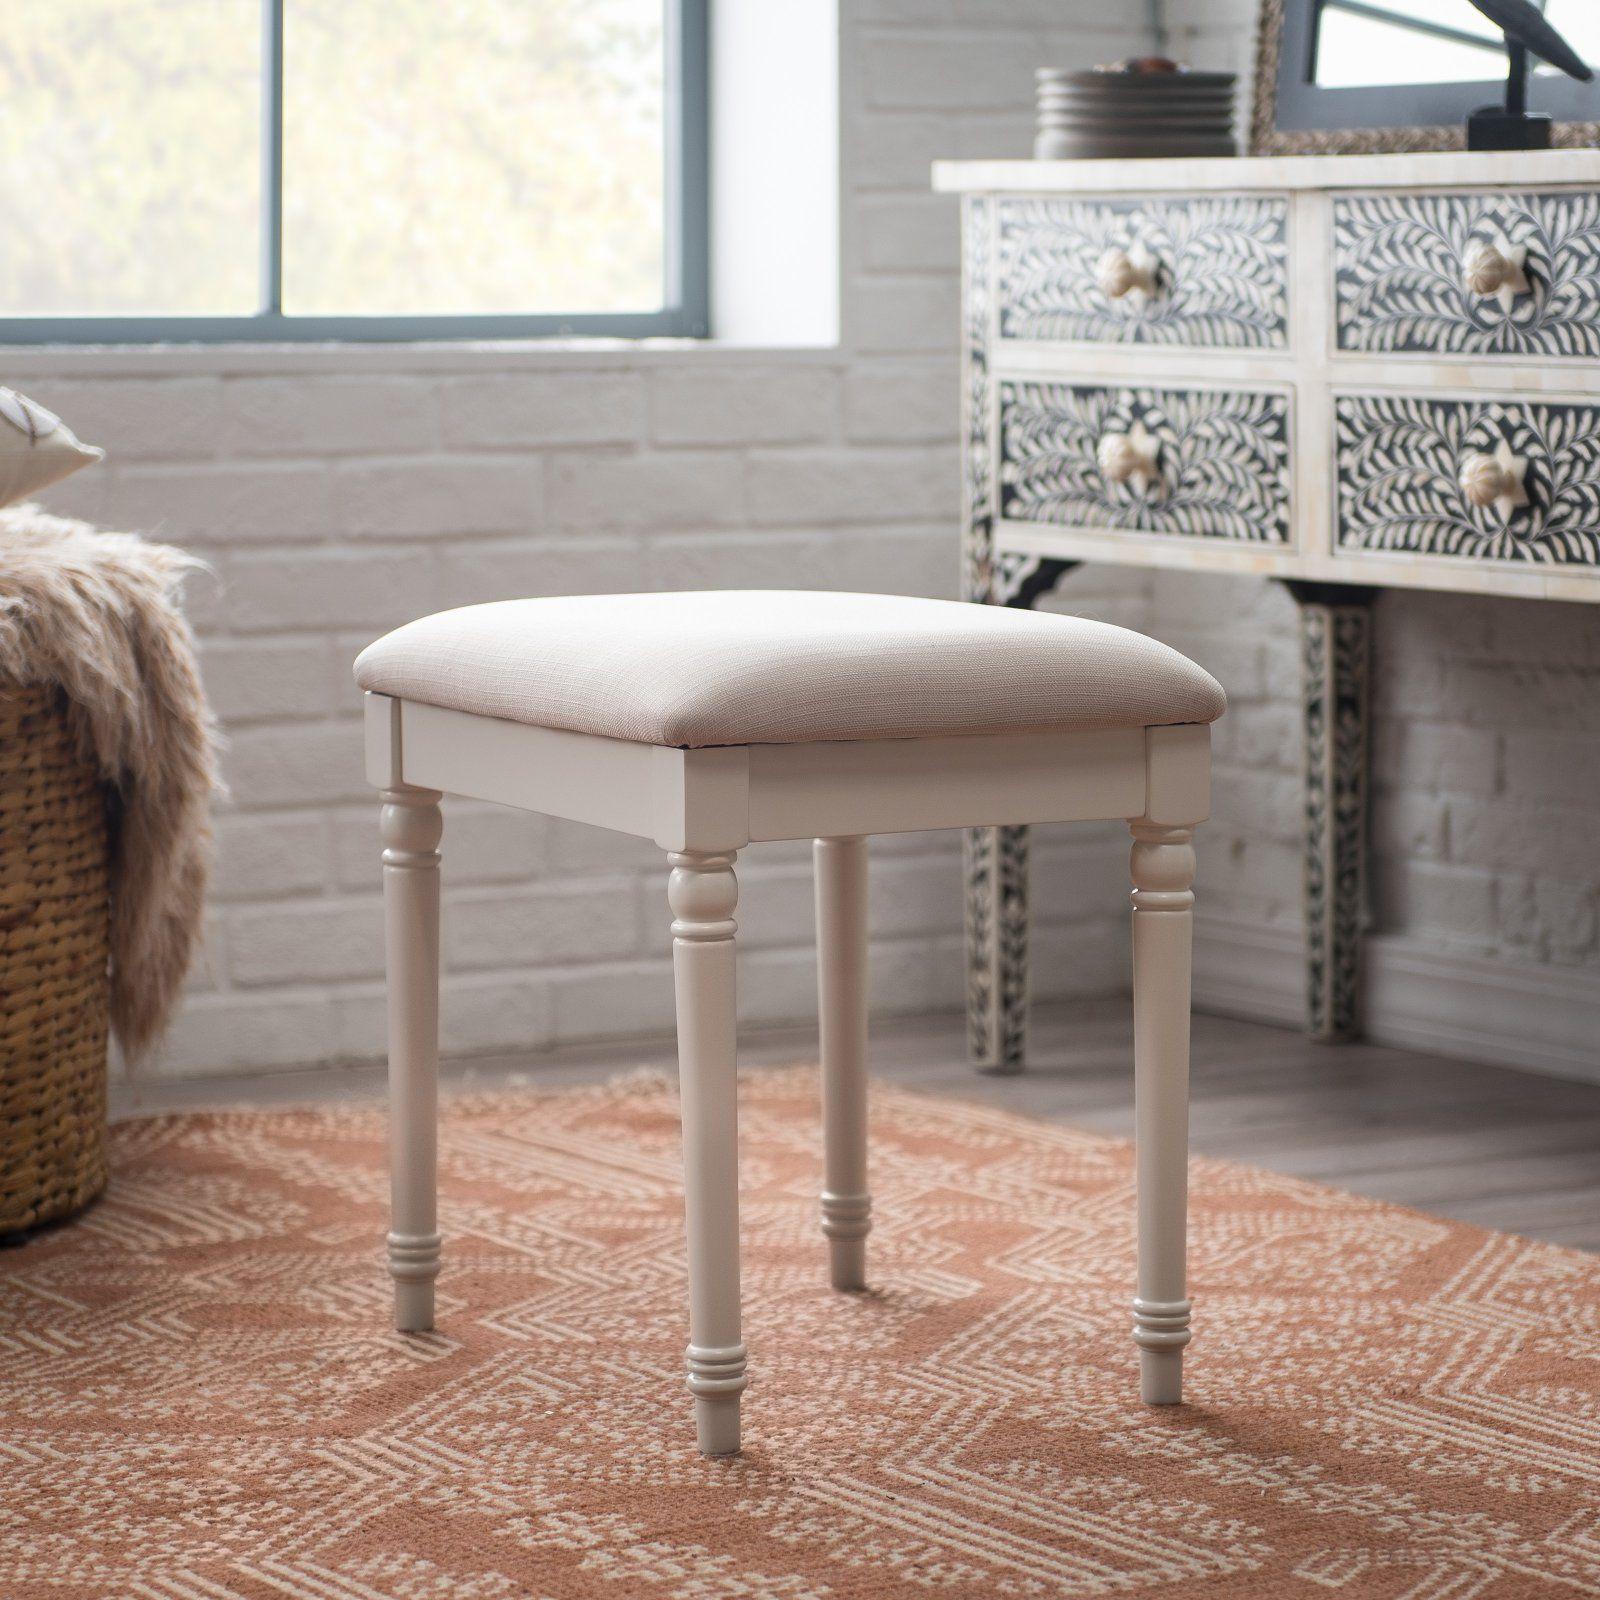 Astounding Belham Living Chelsea Vanity Stool White In 2019 Andrewgaddart Wooden Chair Designs For Living Room Andrewgaddartcom